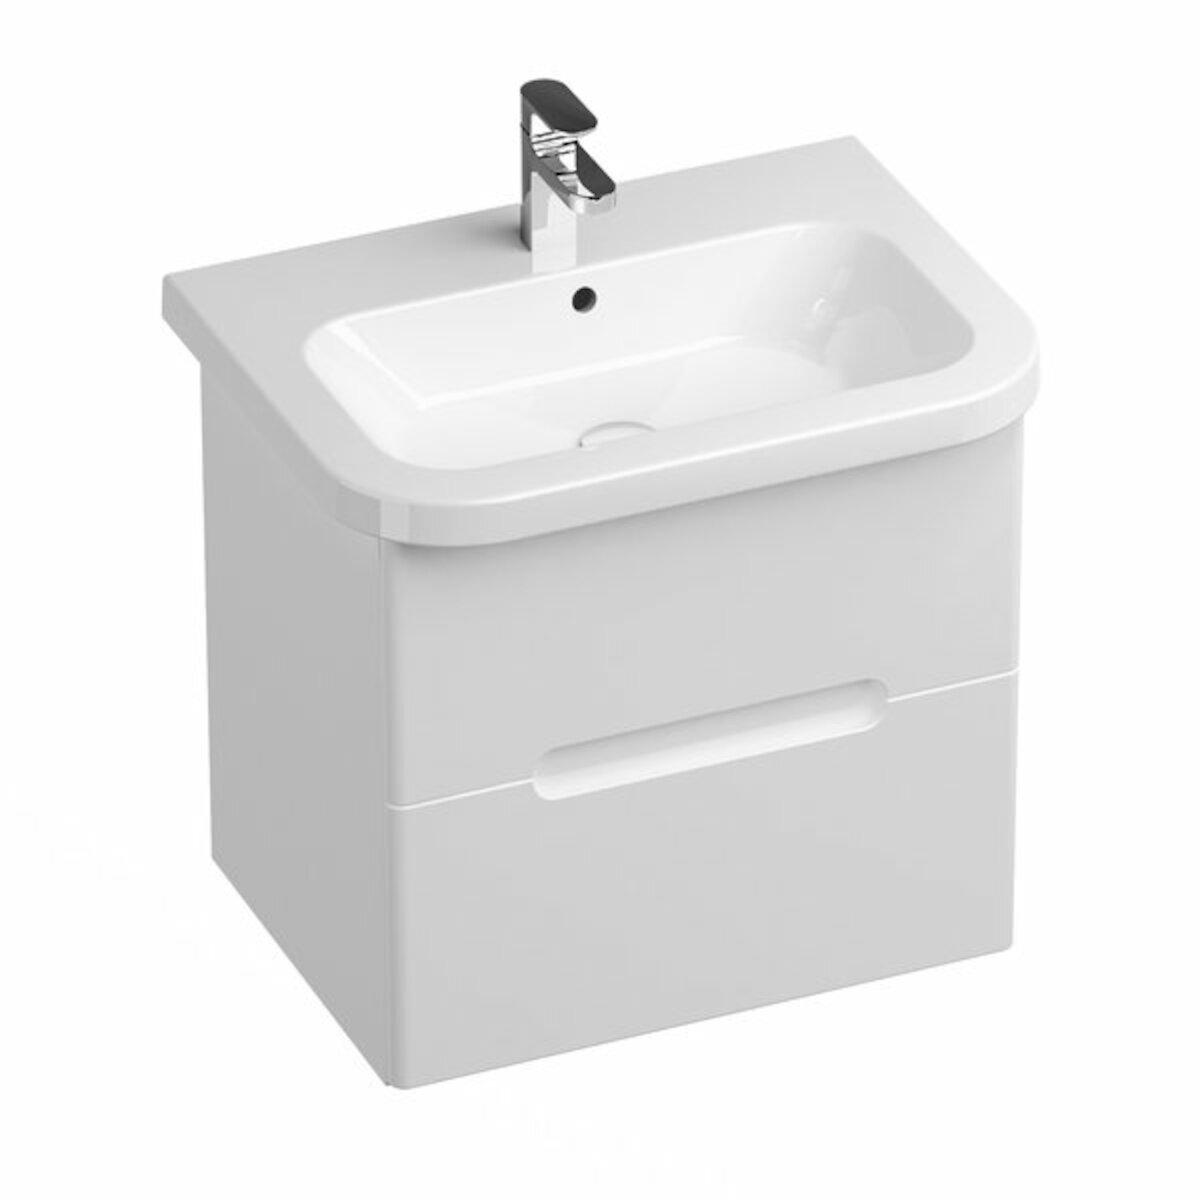 Kúpeľňová skrinka pod umývadlo Ravak chróme 49x42 cm biela X000001289